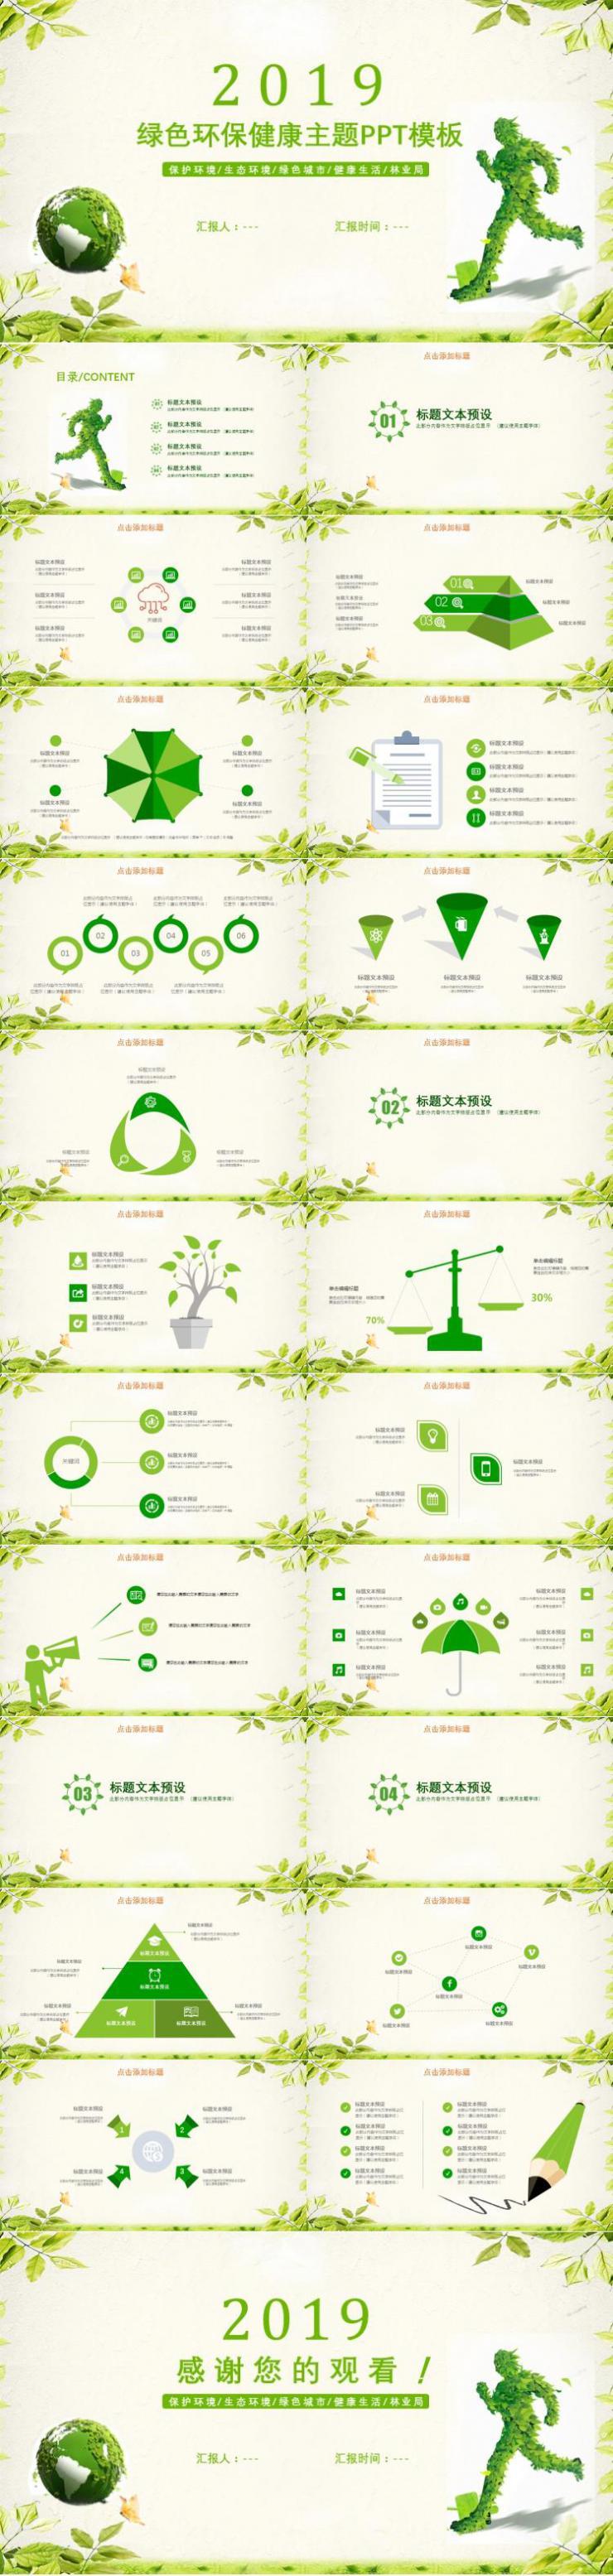 绿色环保健康主题宣传PPT模板